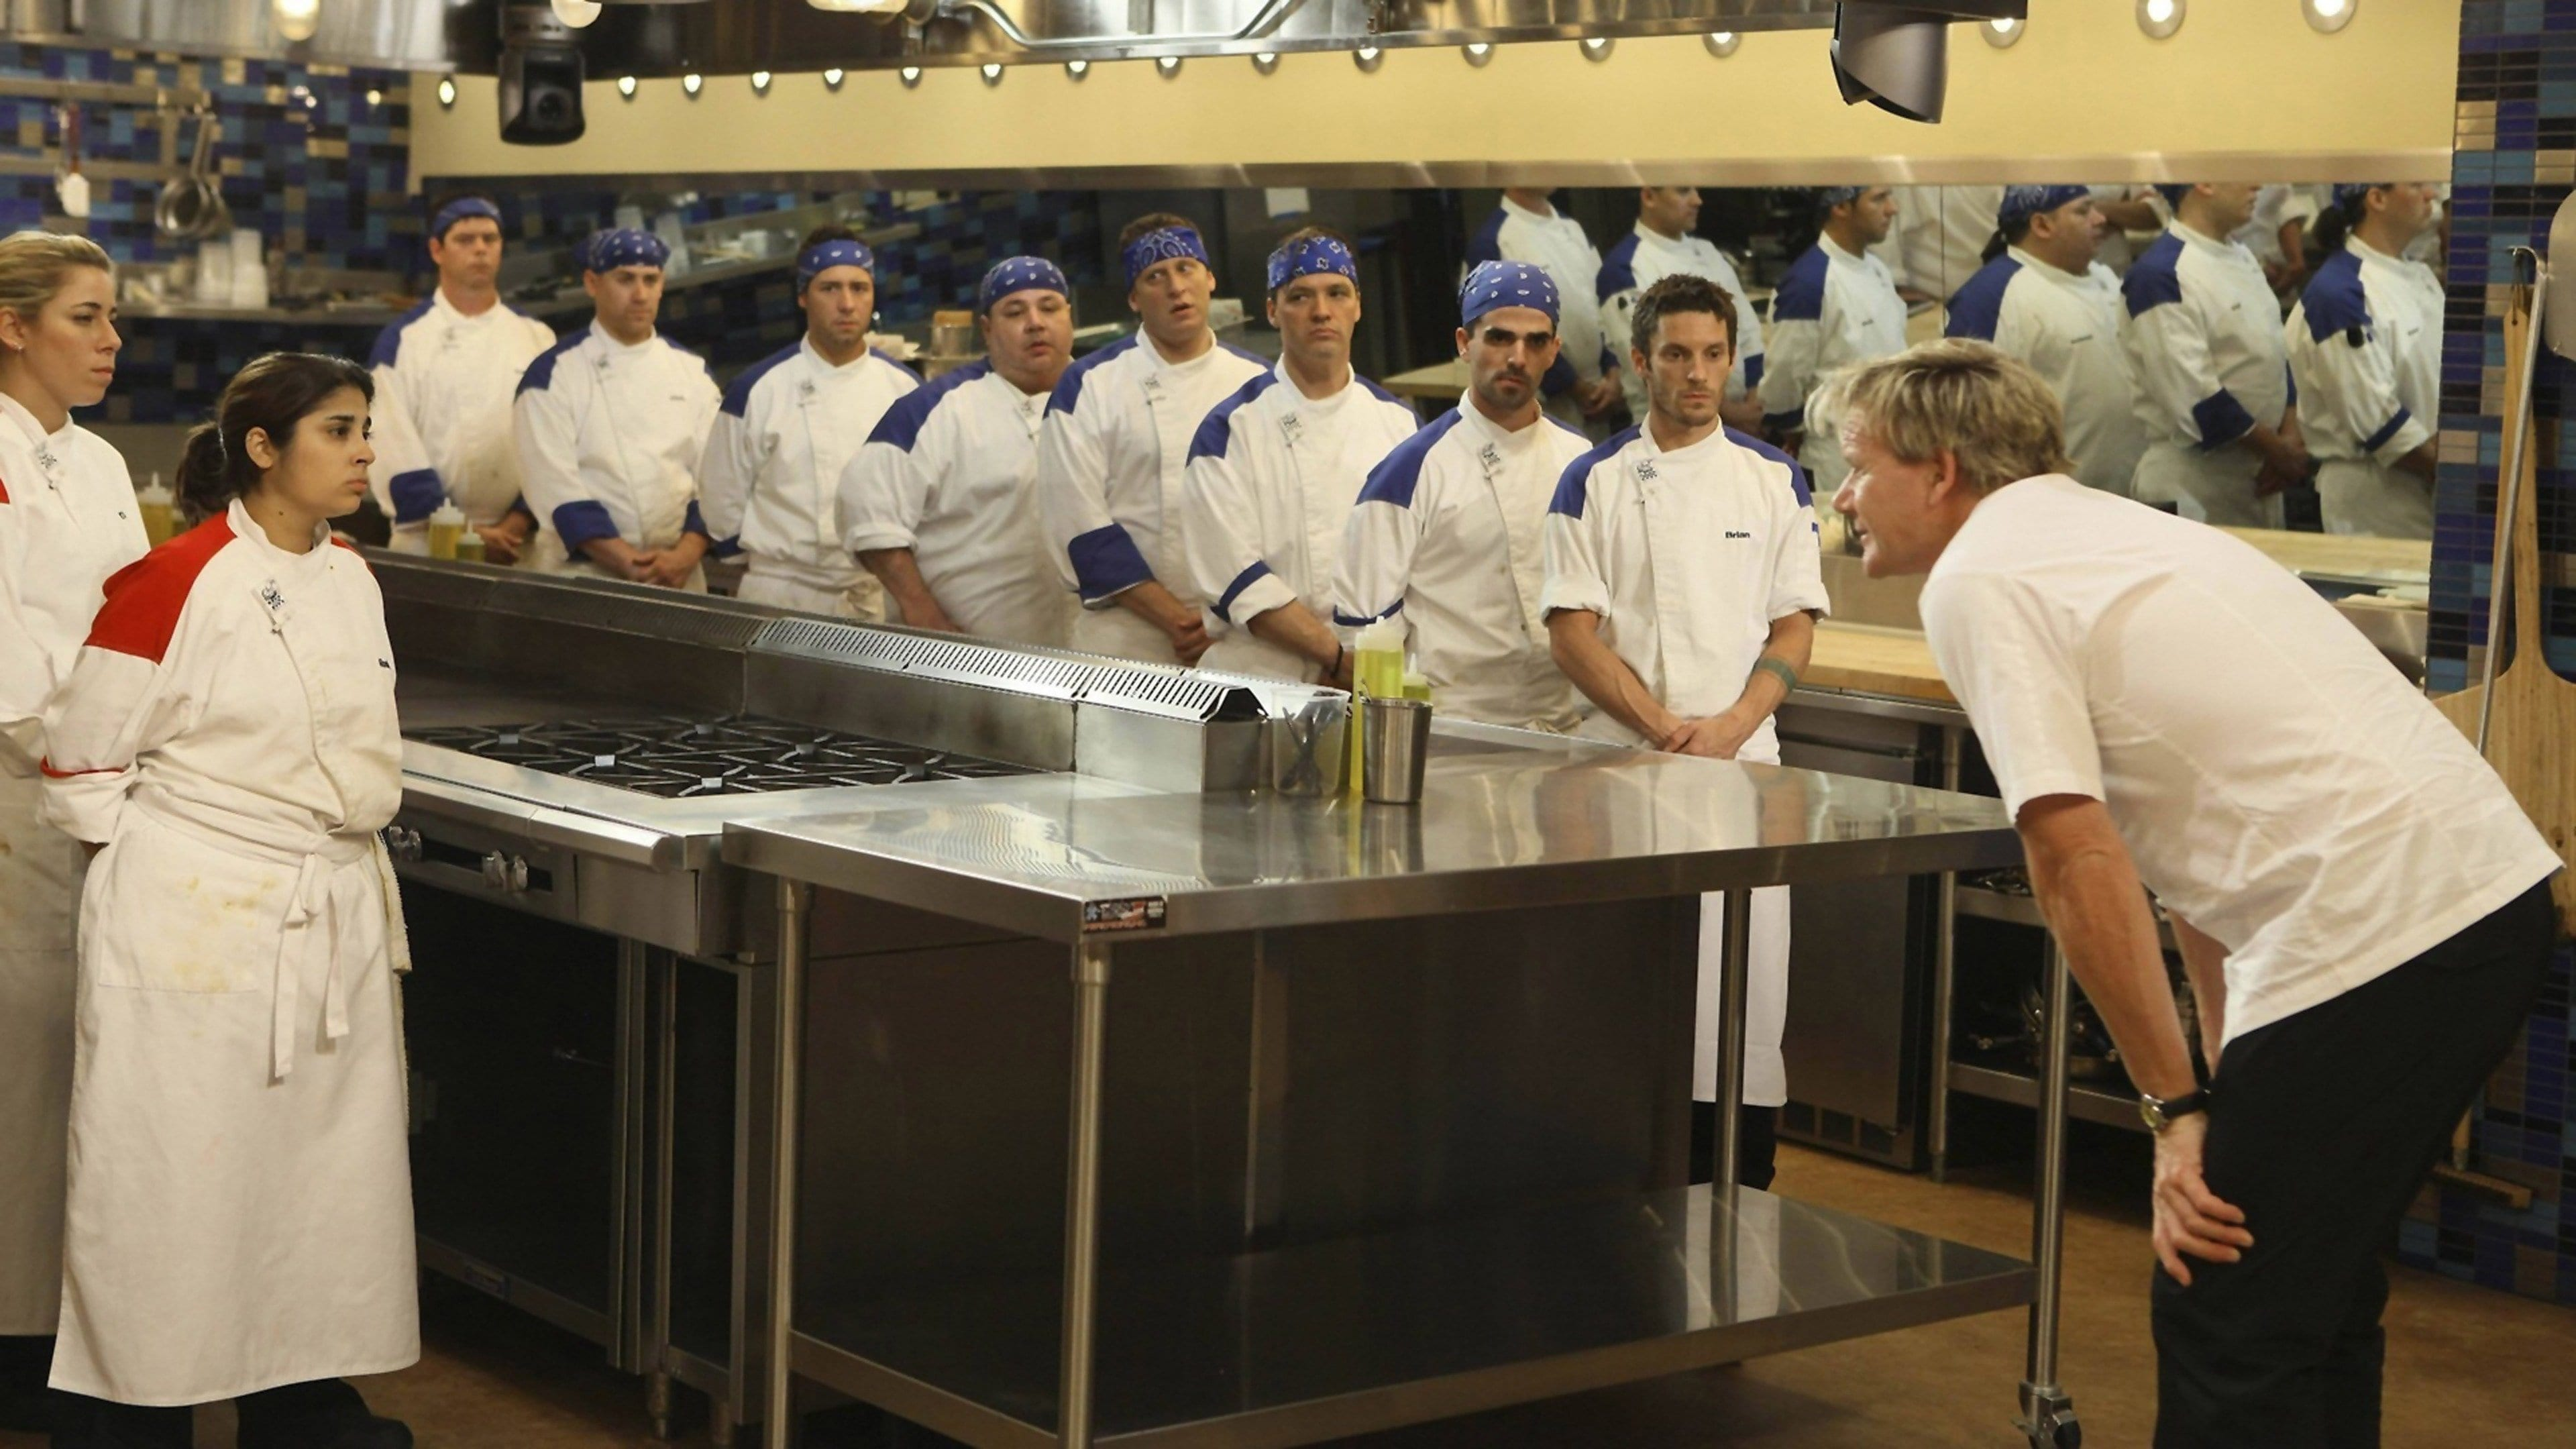 17 Chefs Compete